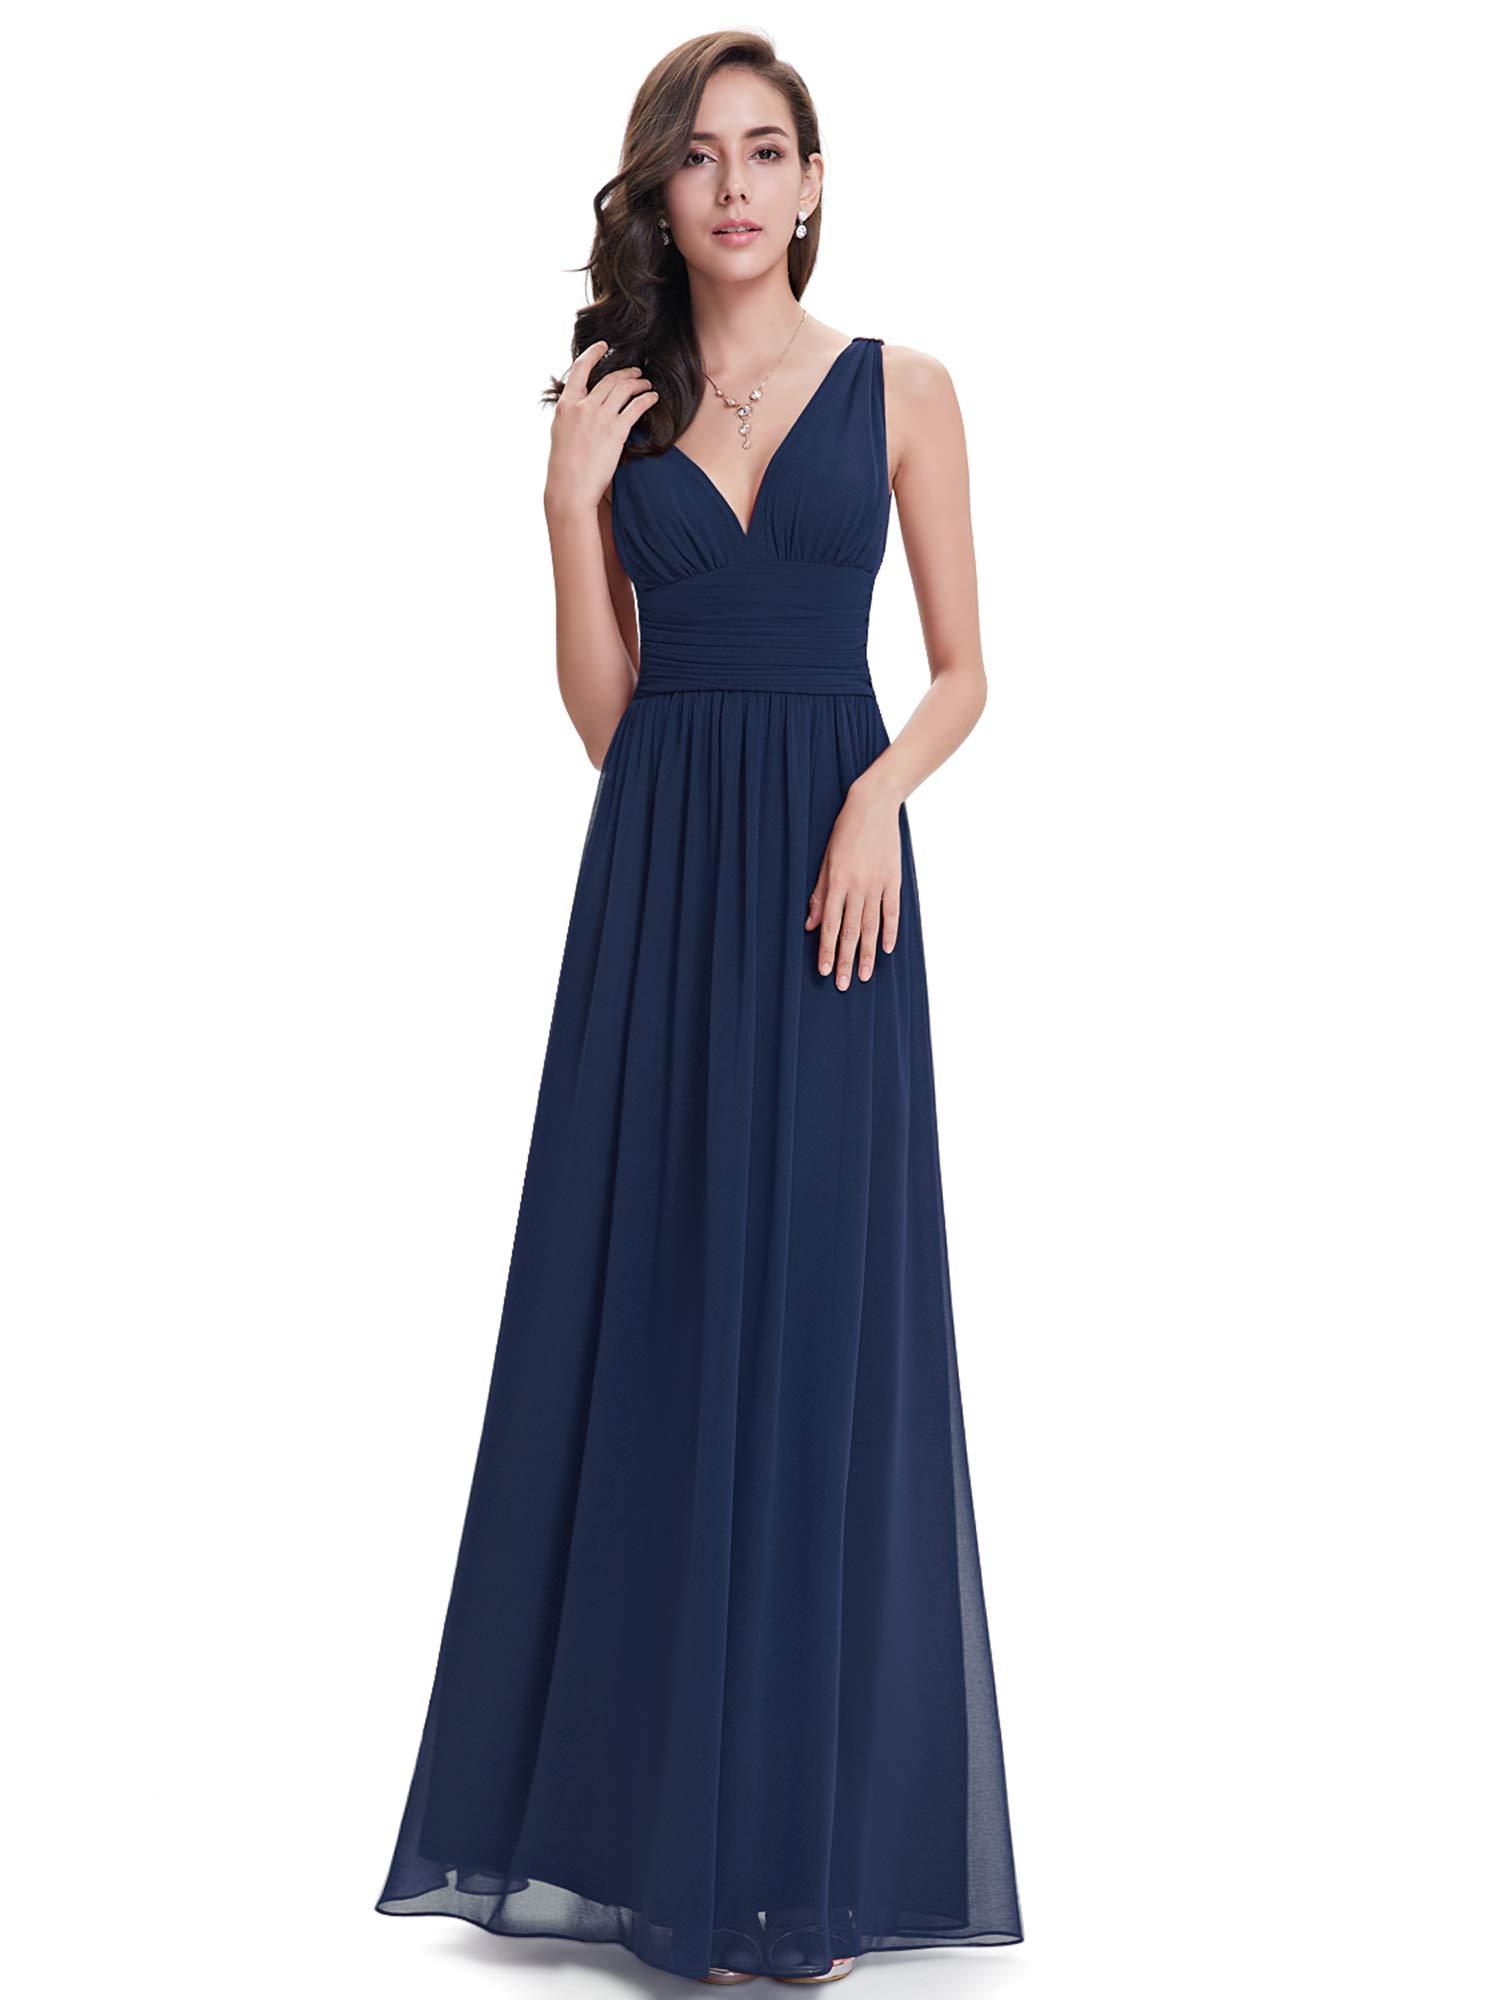 8ac99f4c4 Mejor valorados en Vestidos para mujer & Opiniones útiles de ...